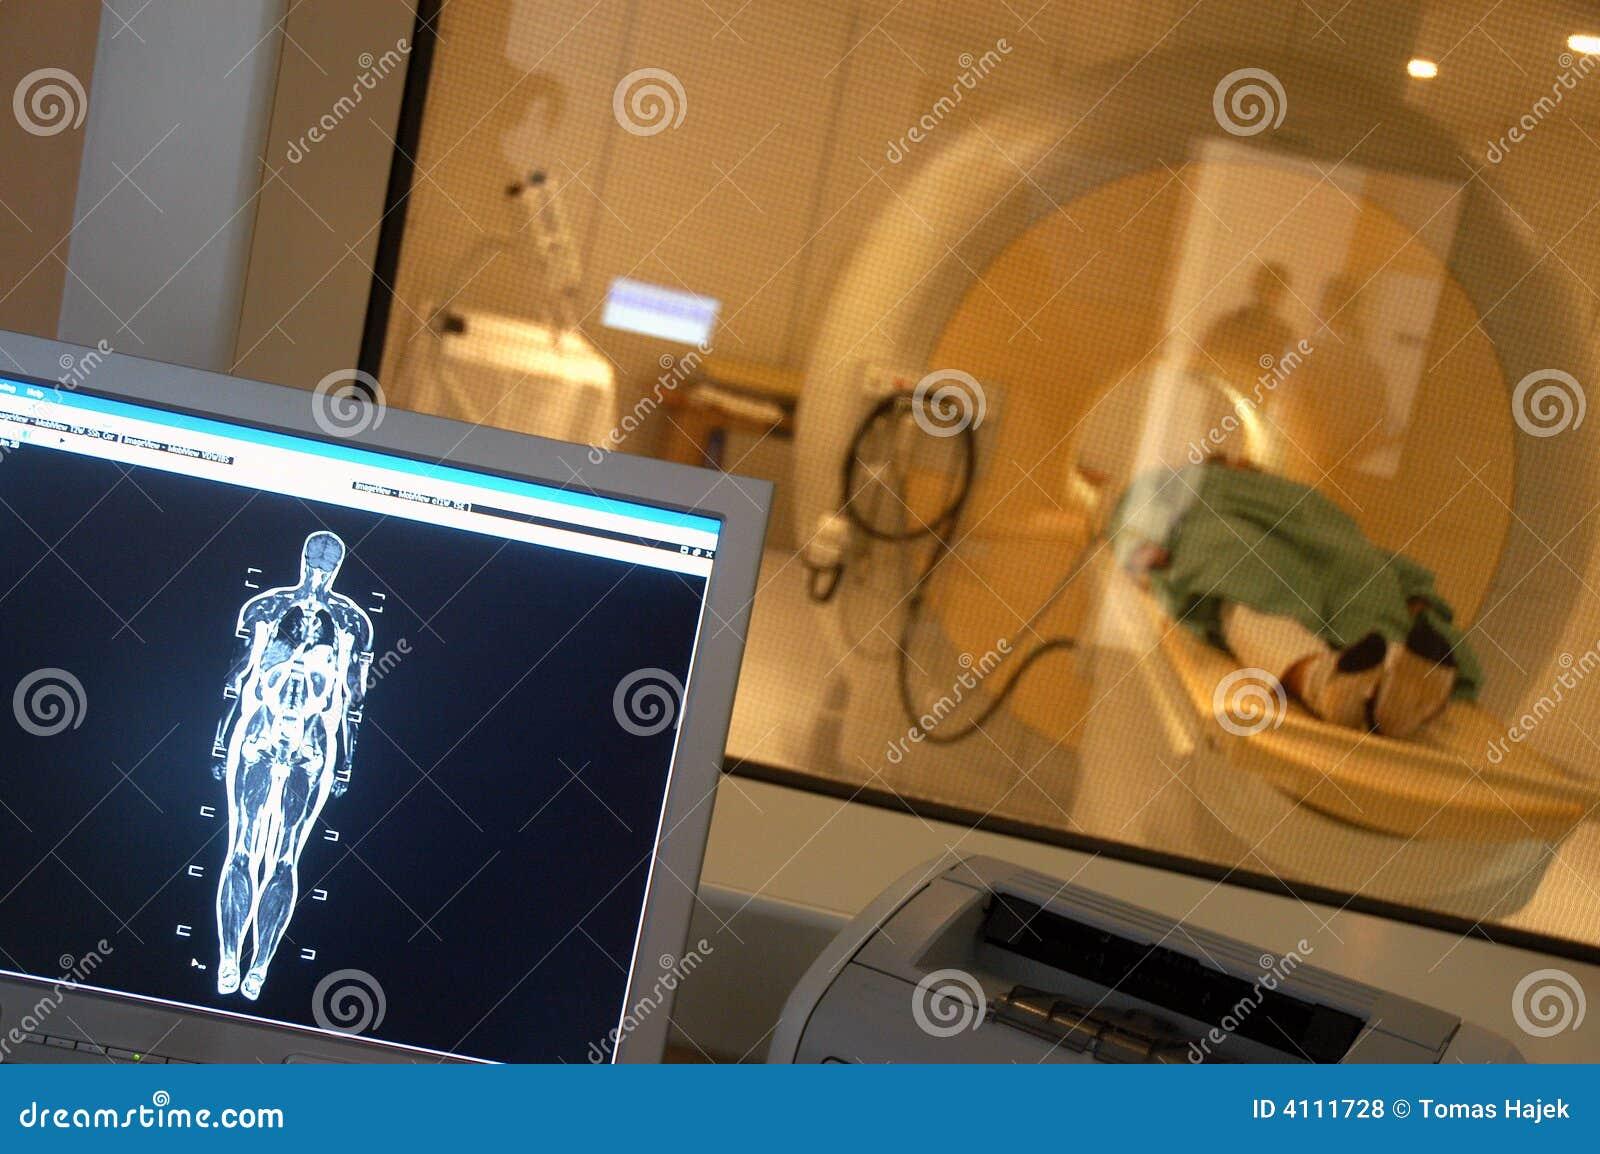 Proyección de imagen de resonancia magnética